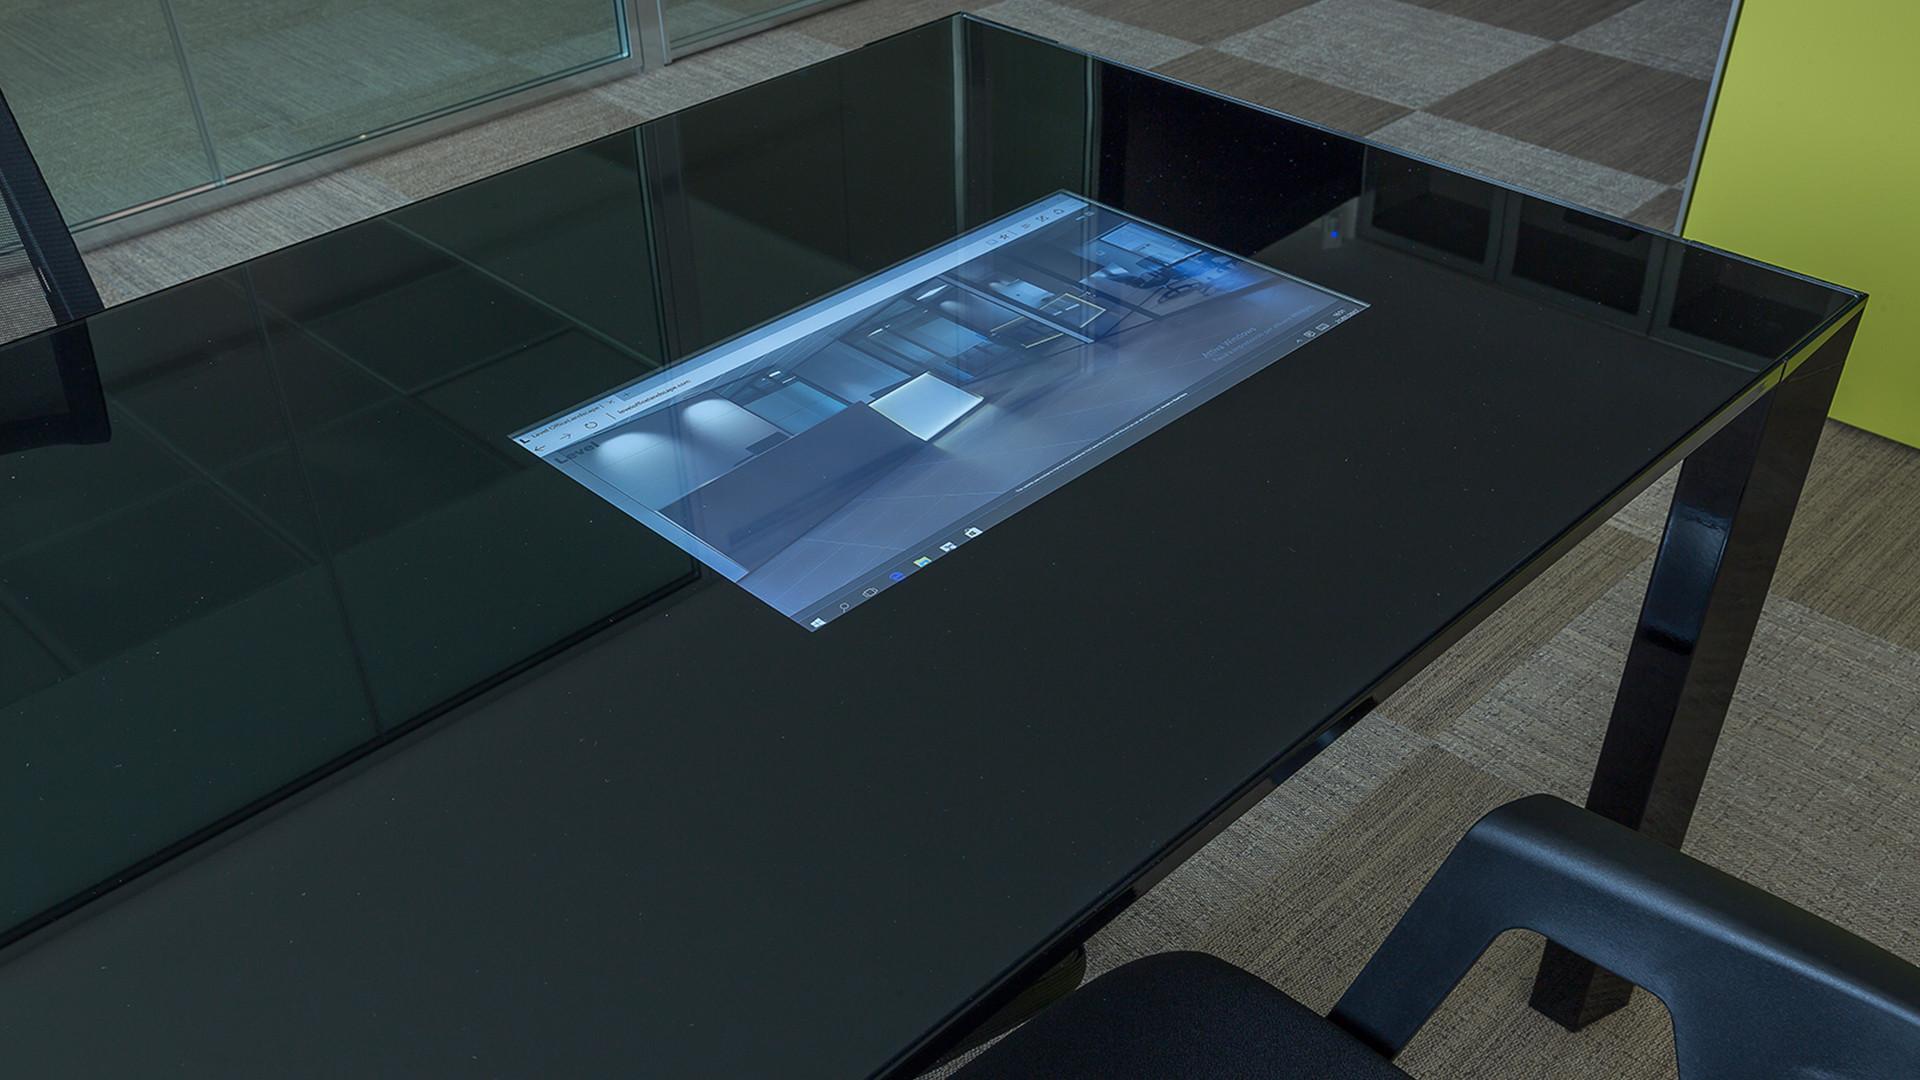 Kite Smart Desk  Technological Workstation by Level